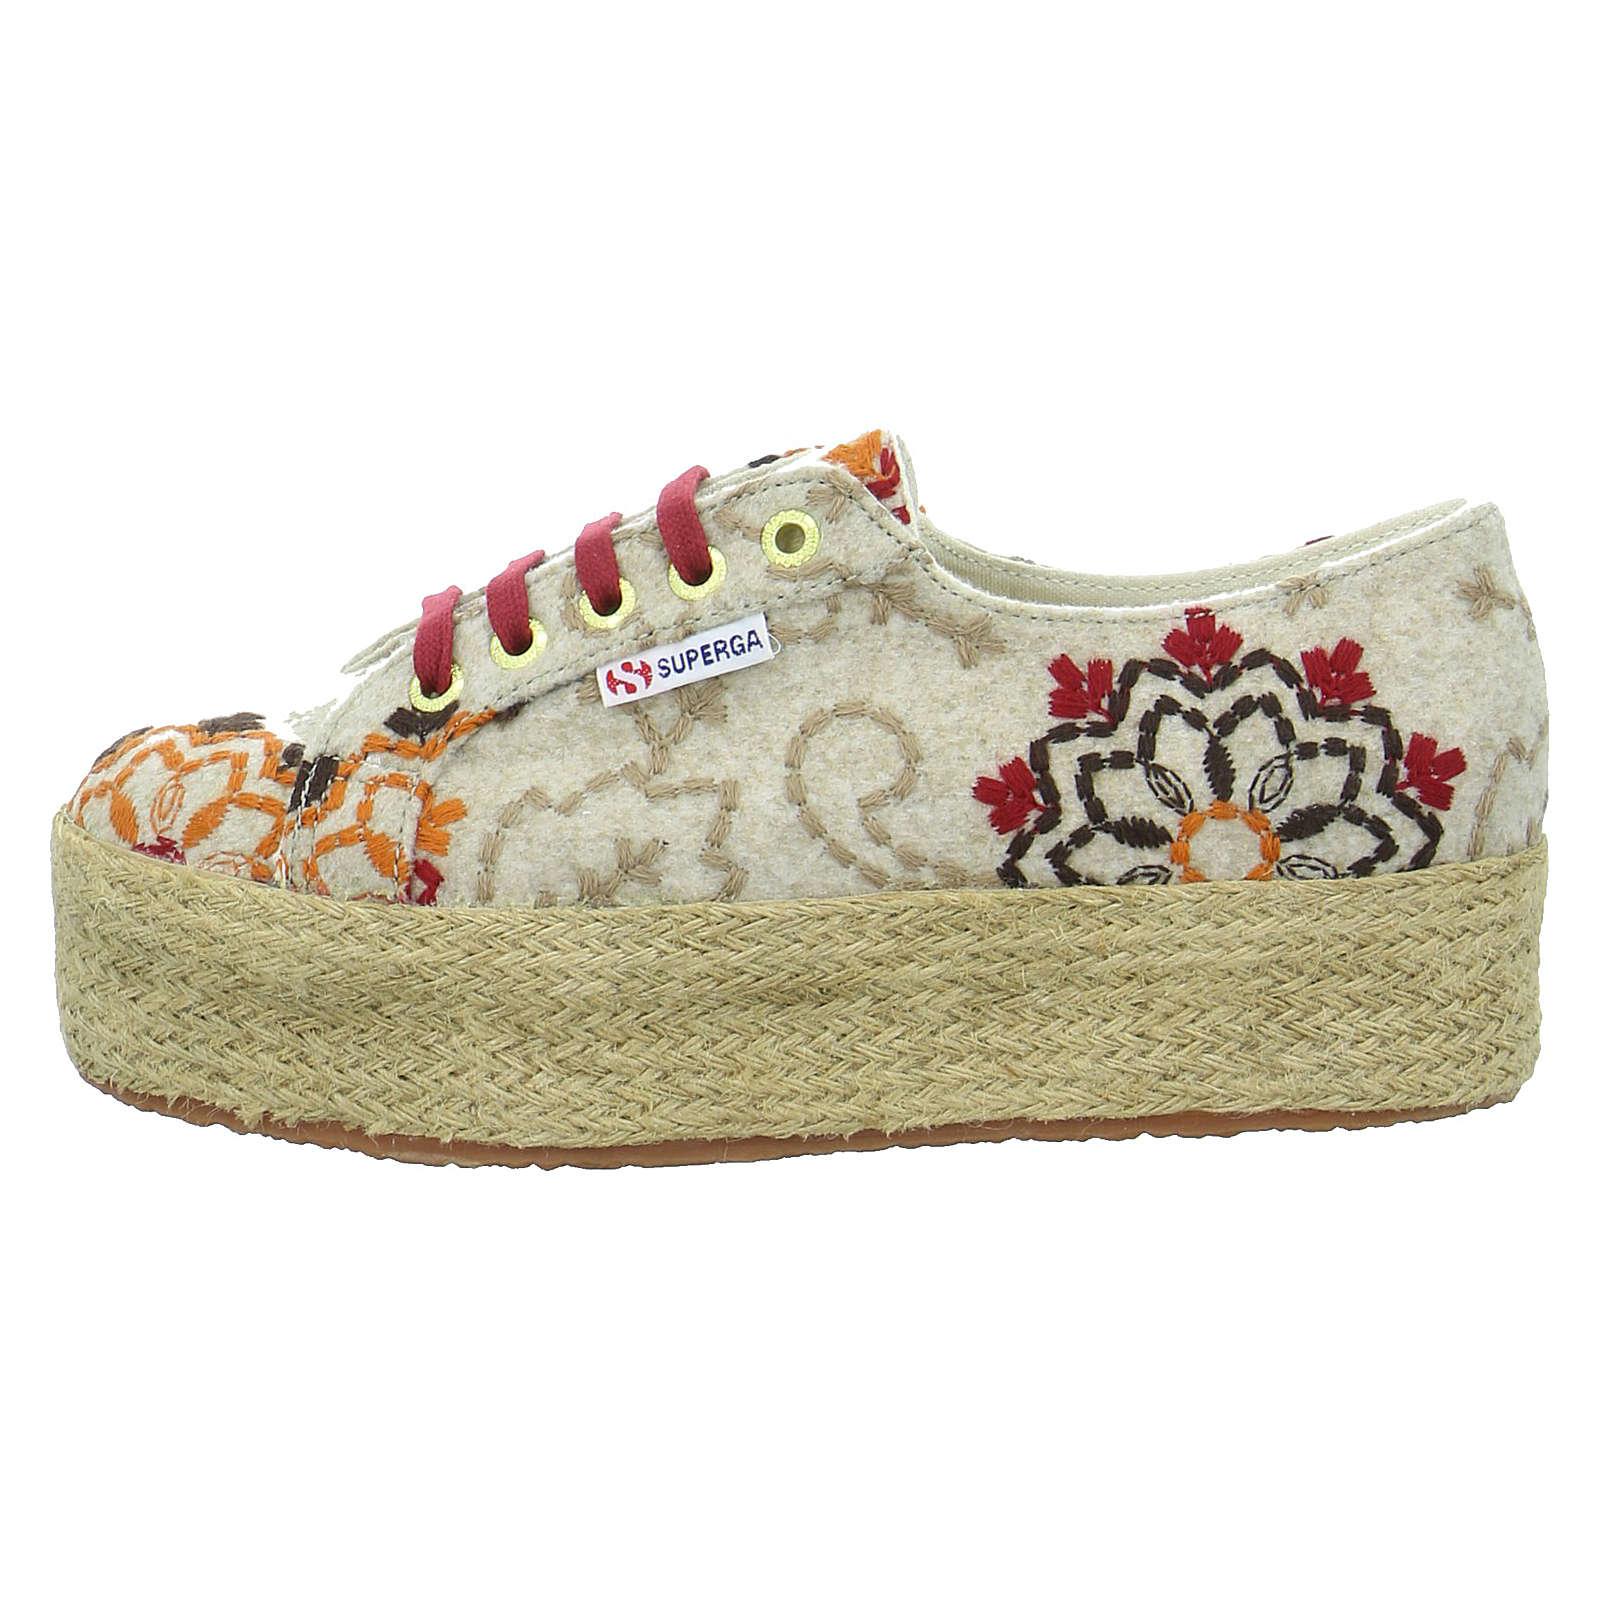 Superga® Sneakers Low EMBROIDERYFLOWER beige Damen Gr. 36